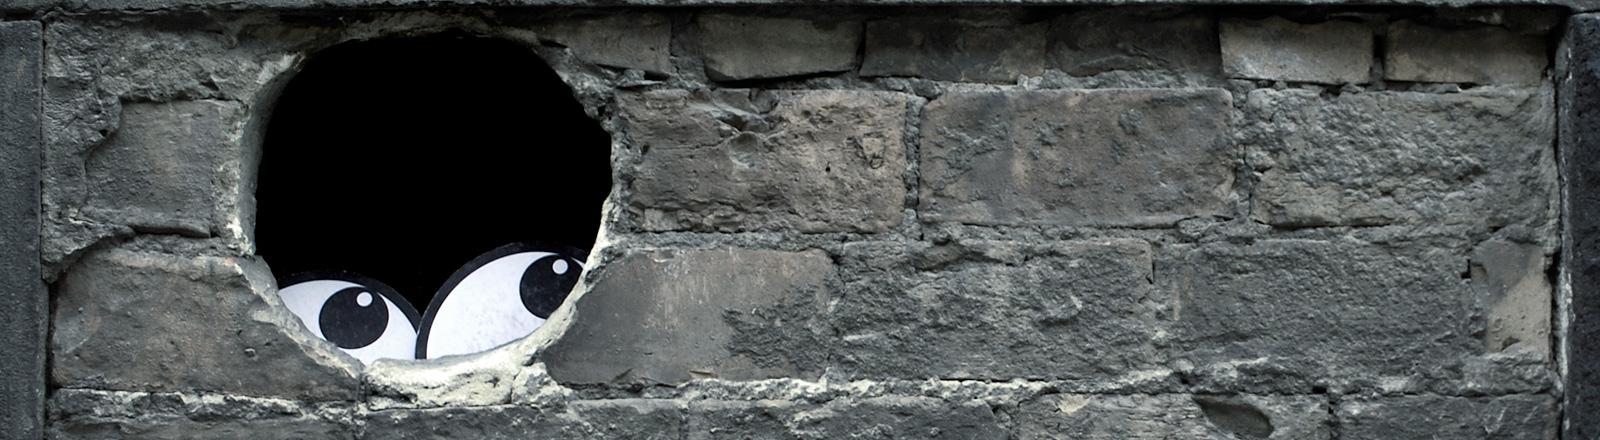 Zwei Augen, die in einem Loch in der Wand durchschauen.